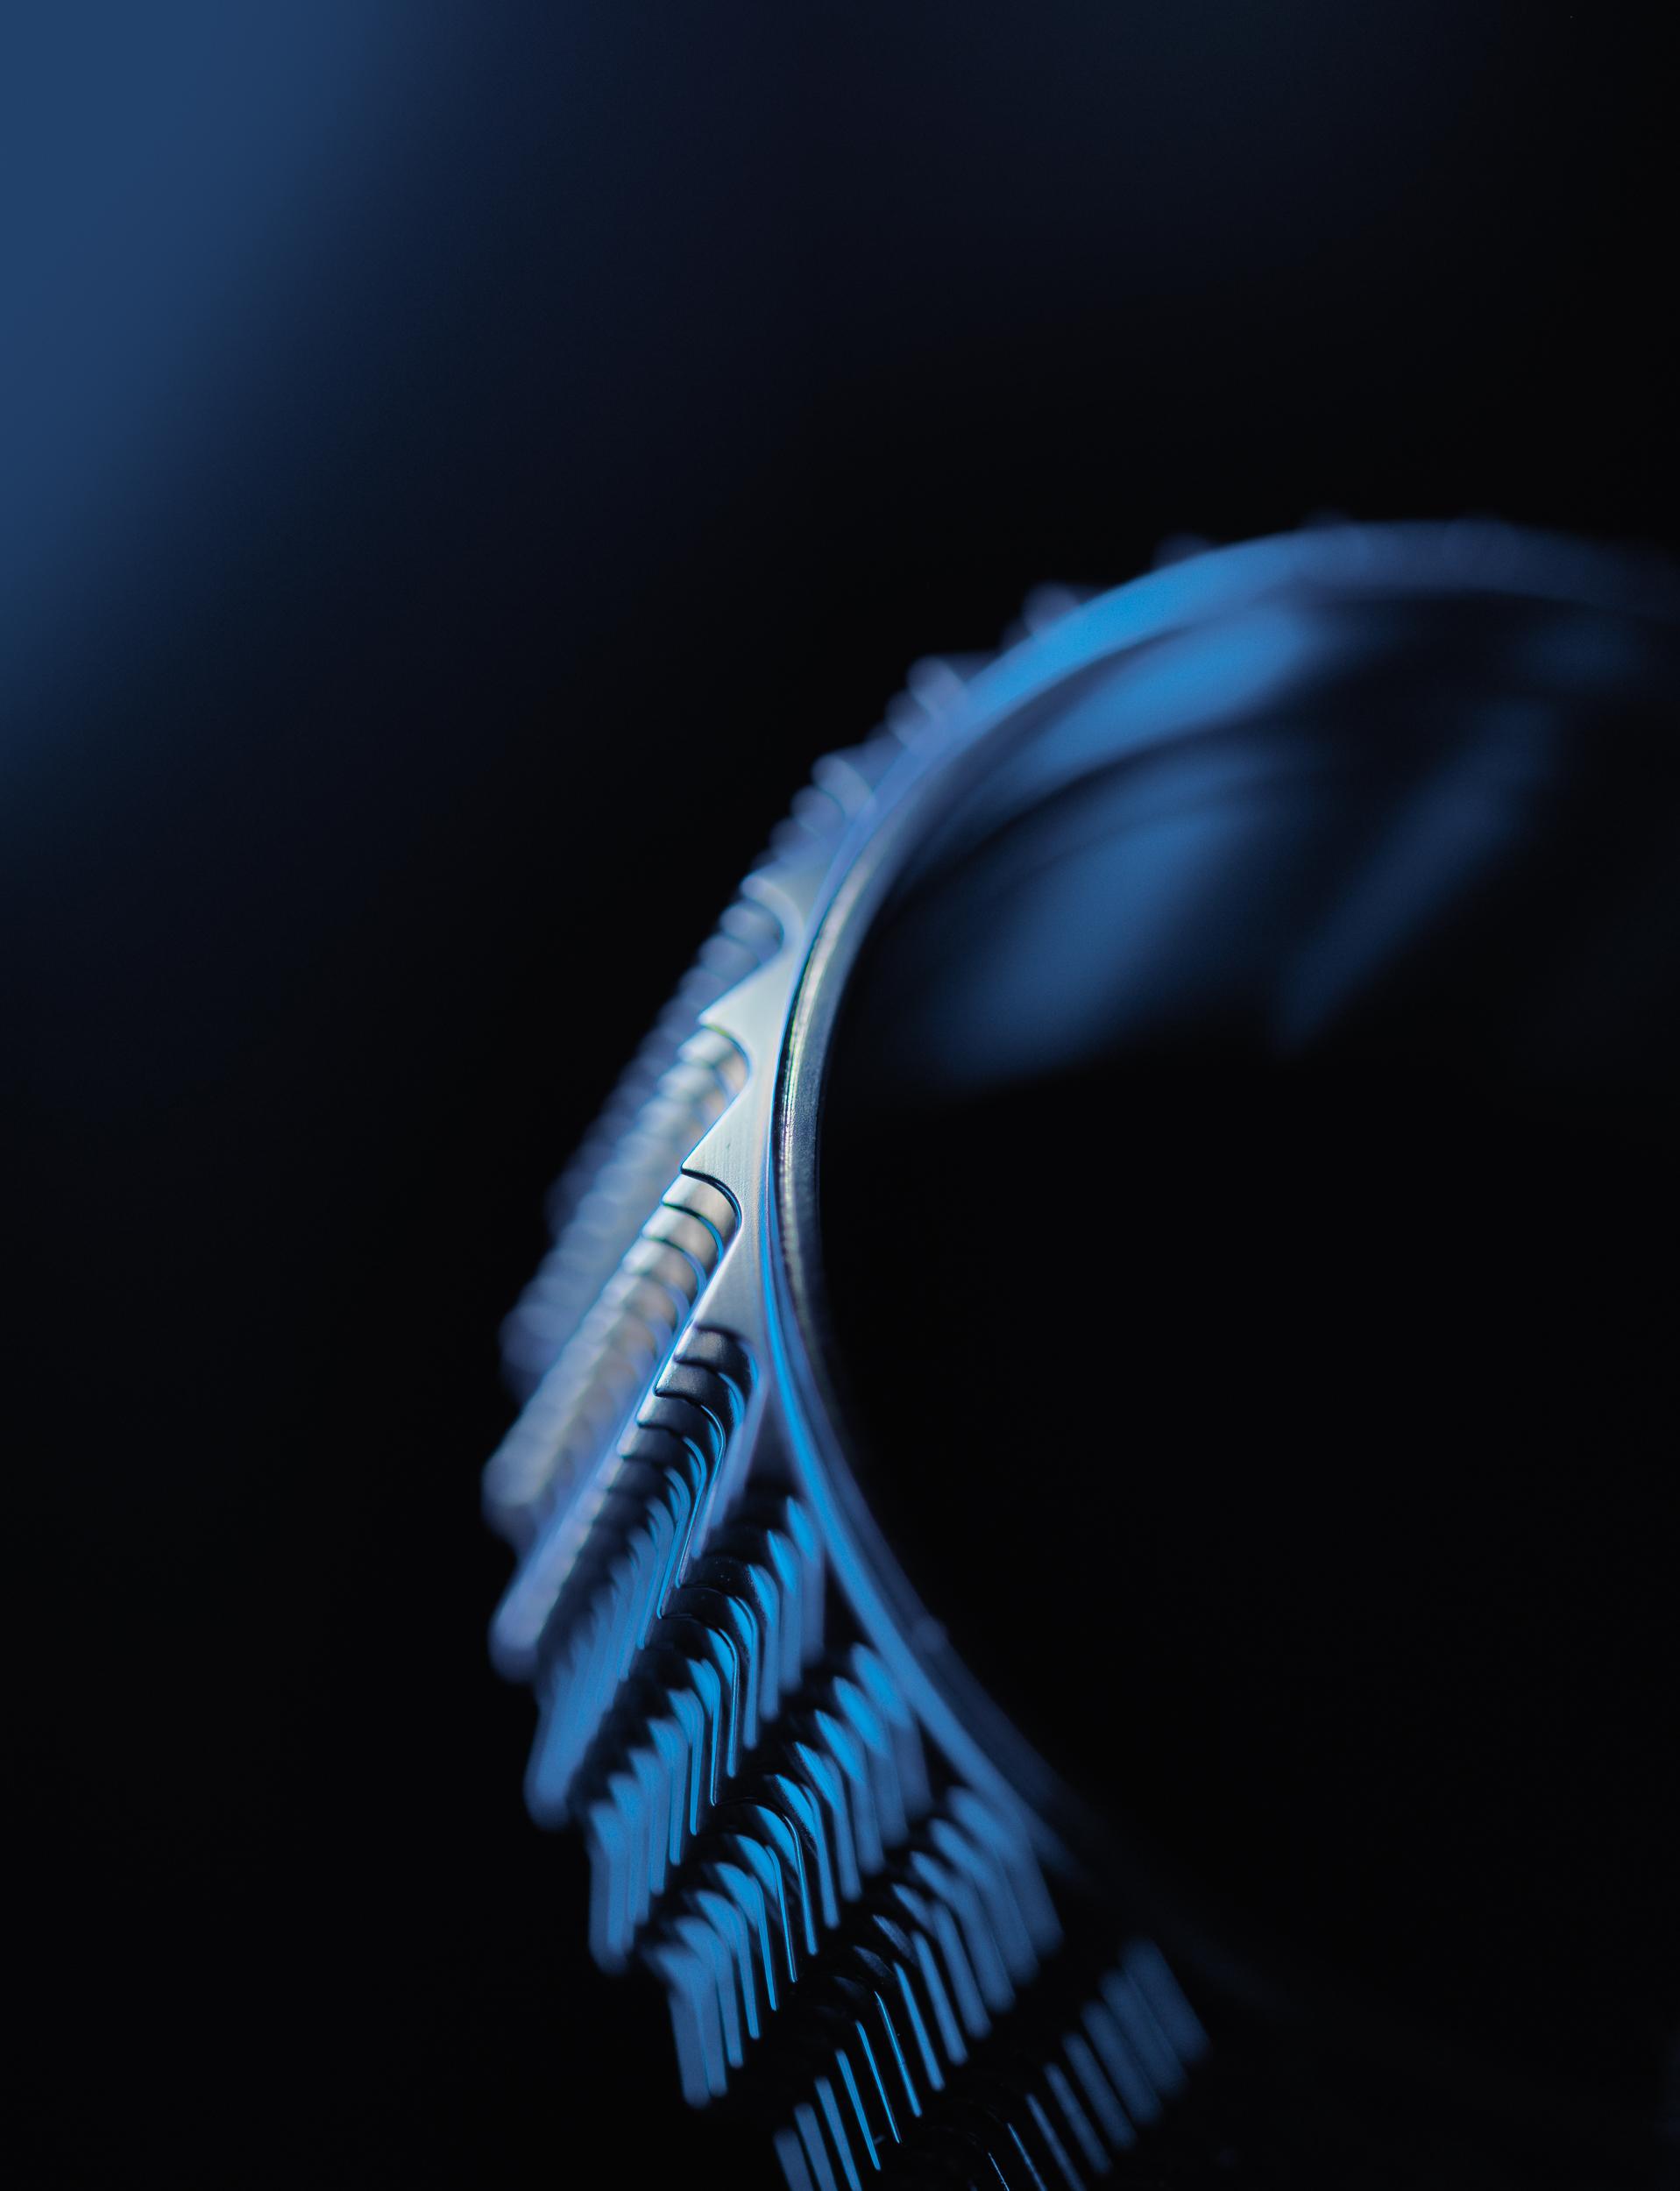 Rieter Premium Textile Components, Industriefotografie, Still Life, Fotograf Zürich, Schweiz